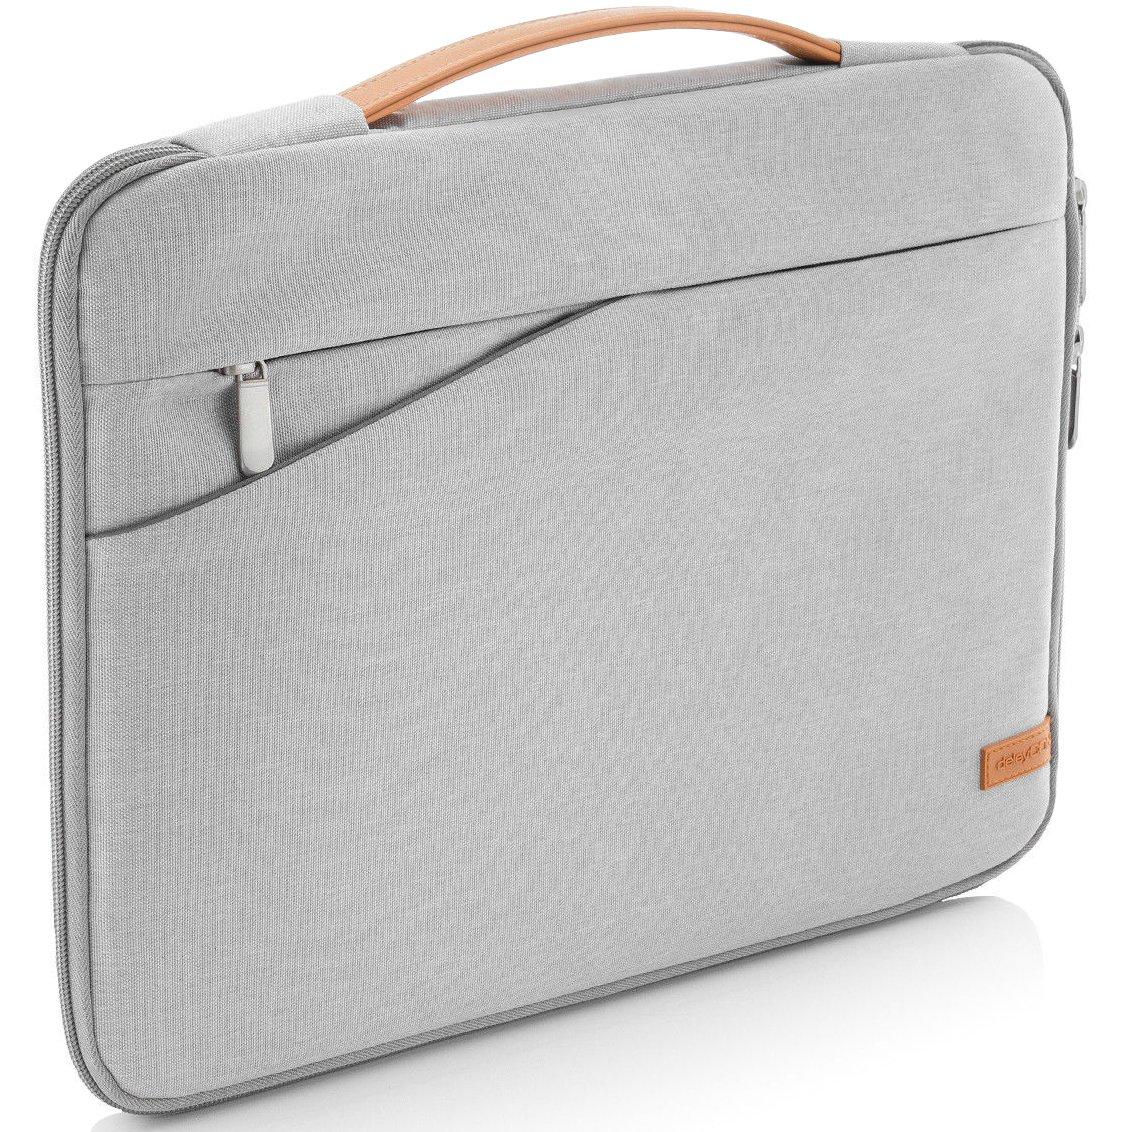 deleyCON pour notebooks / ordinateurs portables jusqu'à 17, 3 (43, 94cm) Sac / pochette fait de nylon résistant - 2 poches supplémentaires - noir 3 (43 MKB-154-2